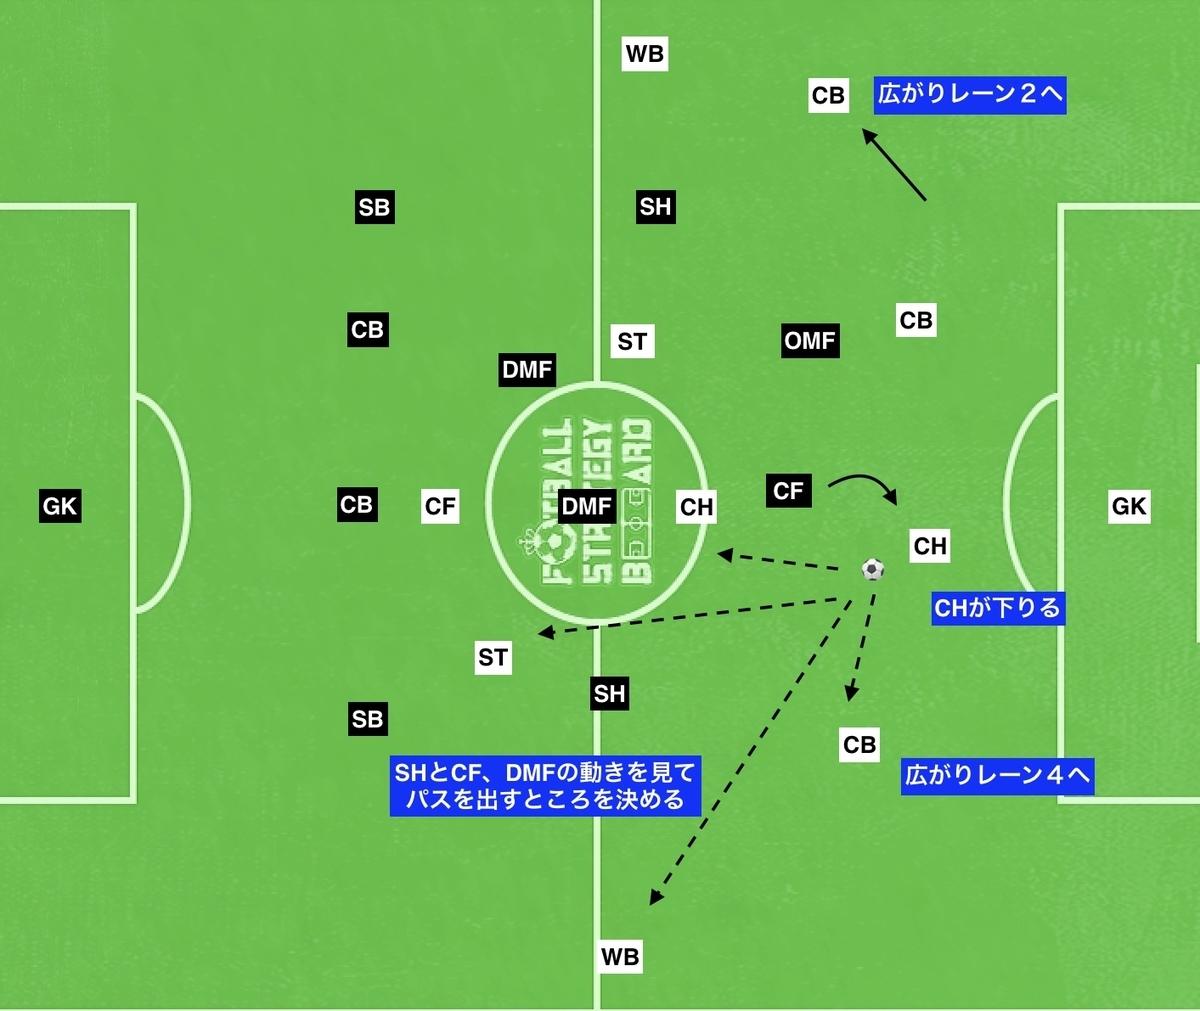 f:id:football-analyst:20190801110806j:plain